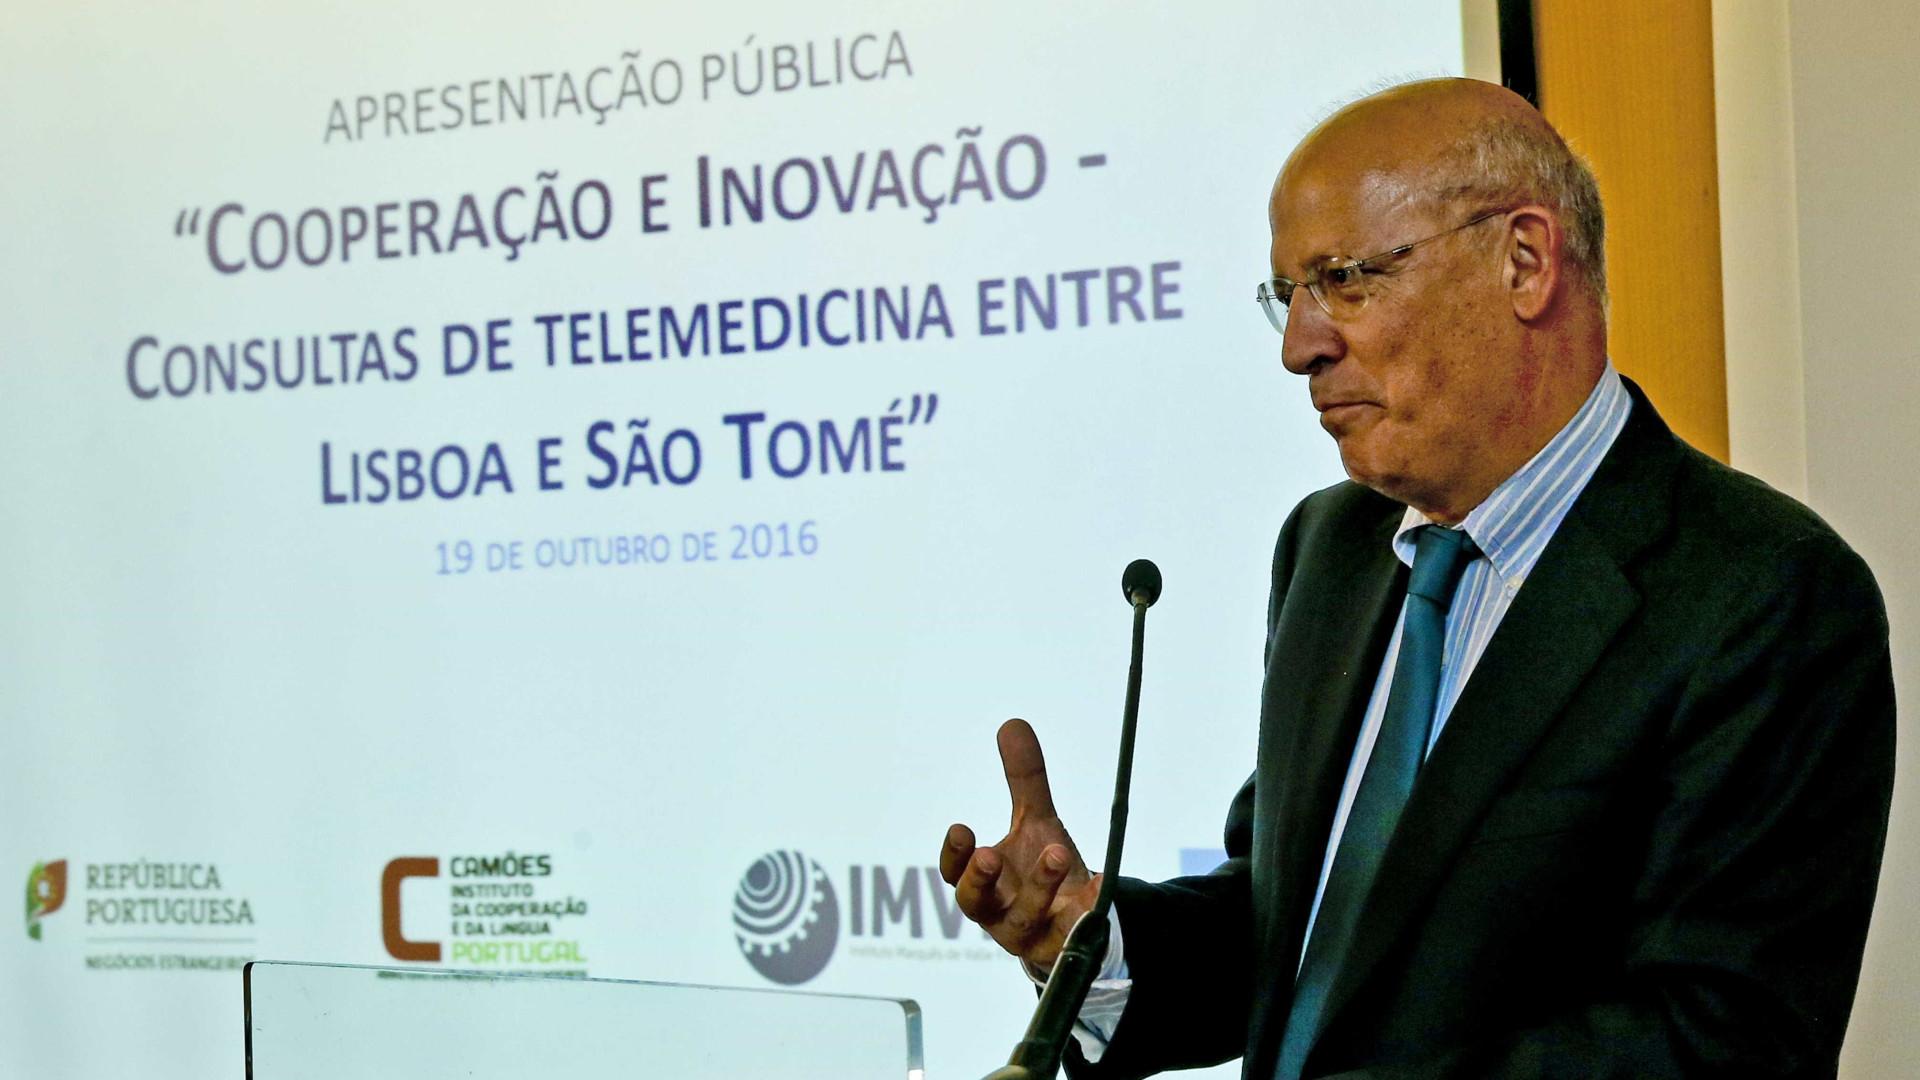 """Cooperação portuguesa terá """"reforço considerável"""" nos próximos anos"""